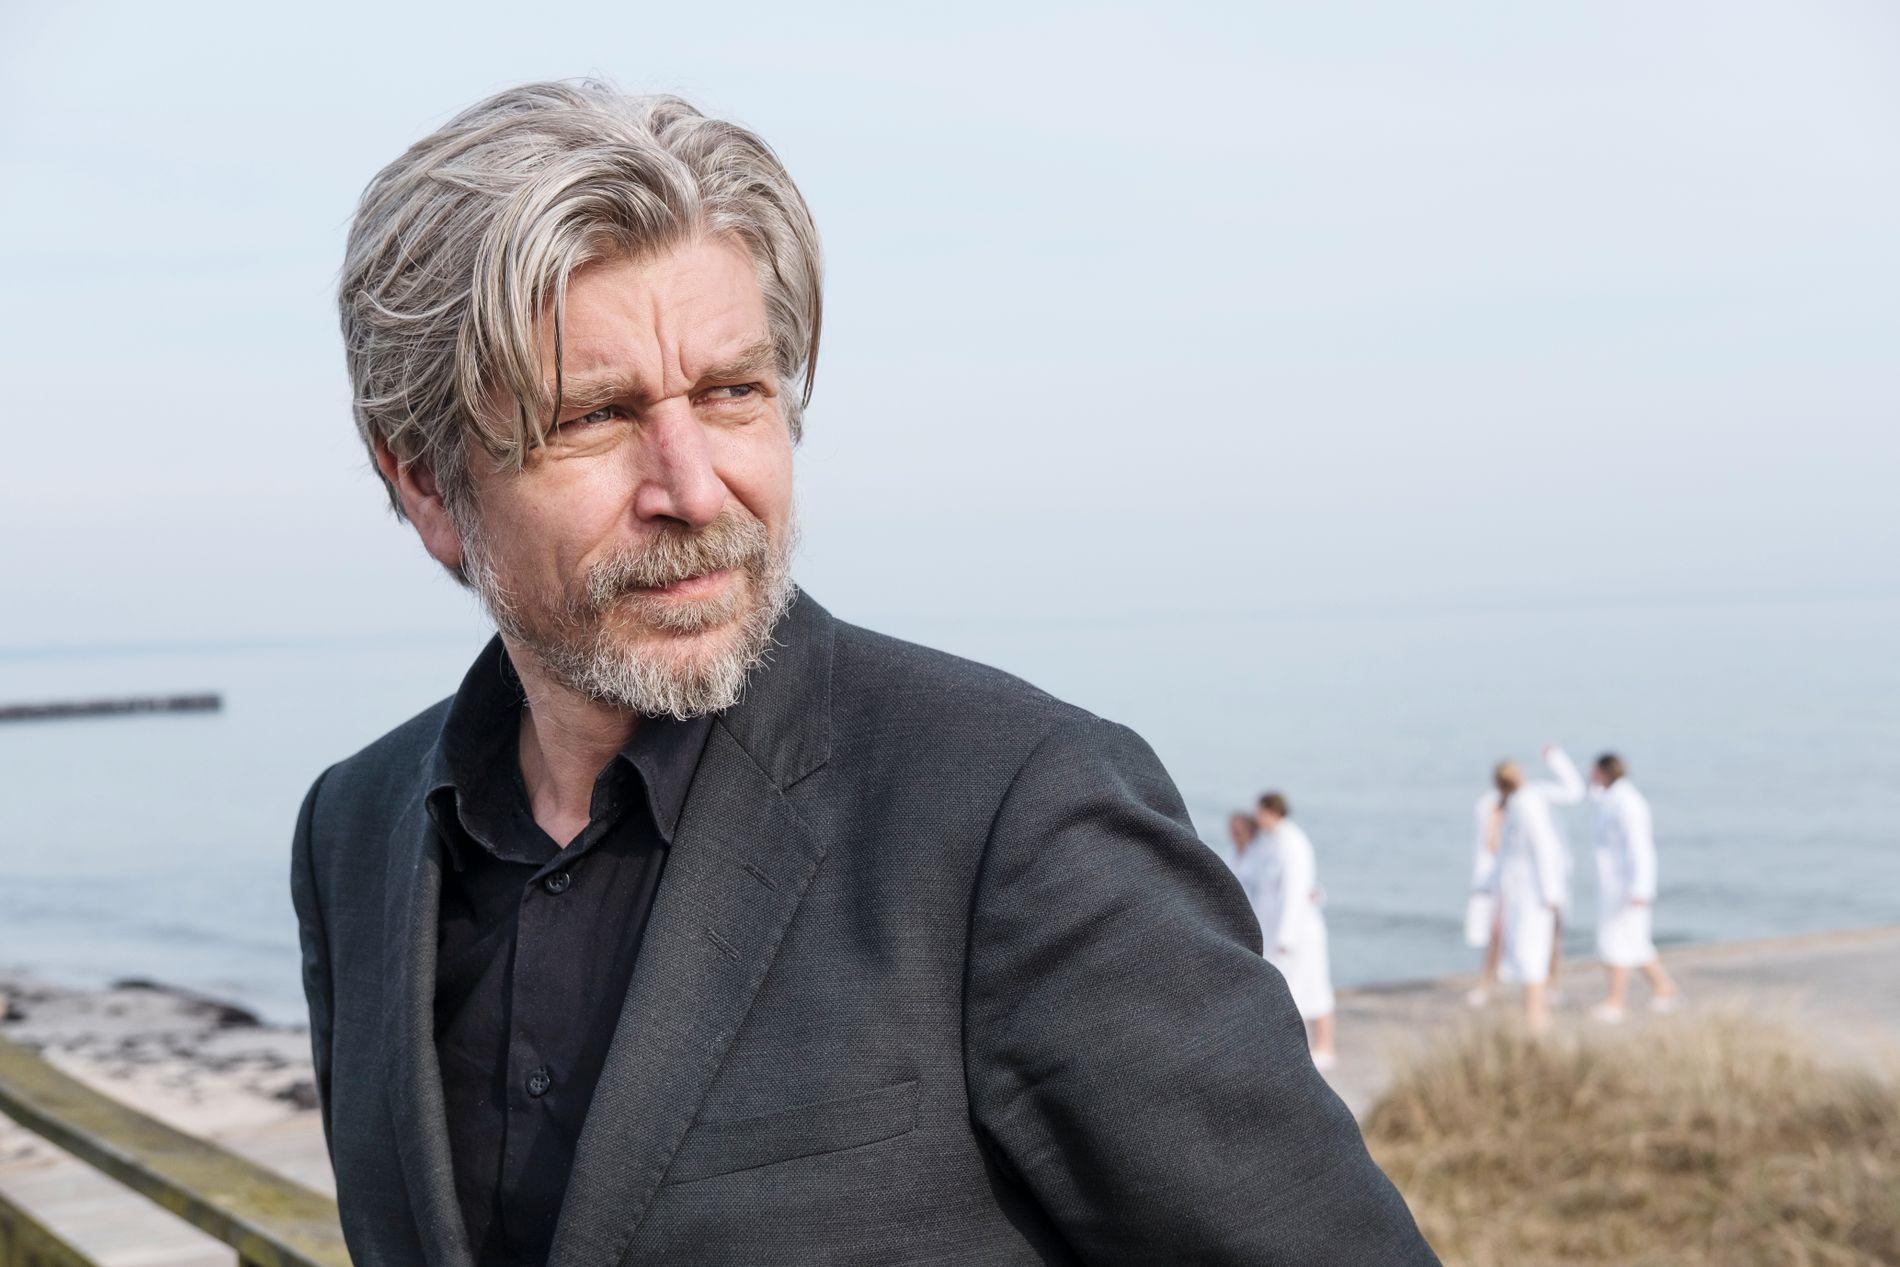 UTSTILLING OG BOK: Karl Ove Knausgårds siste bok er blitt til i forbindelse med hans samarbeid med Munchmuseet om utstillingen «Mot skogen – Knausgård om Munch» som åpner lørdag - og som fikk terningkast 6 i VG.